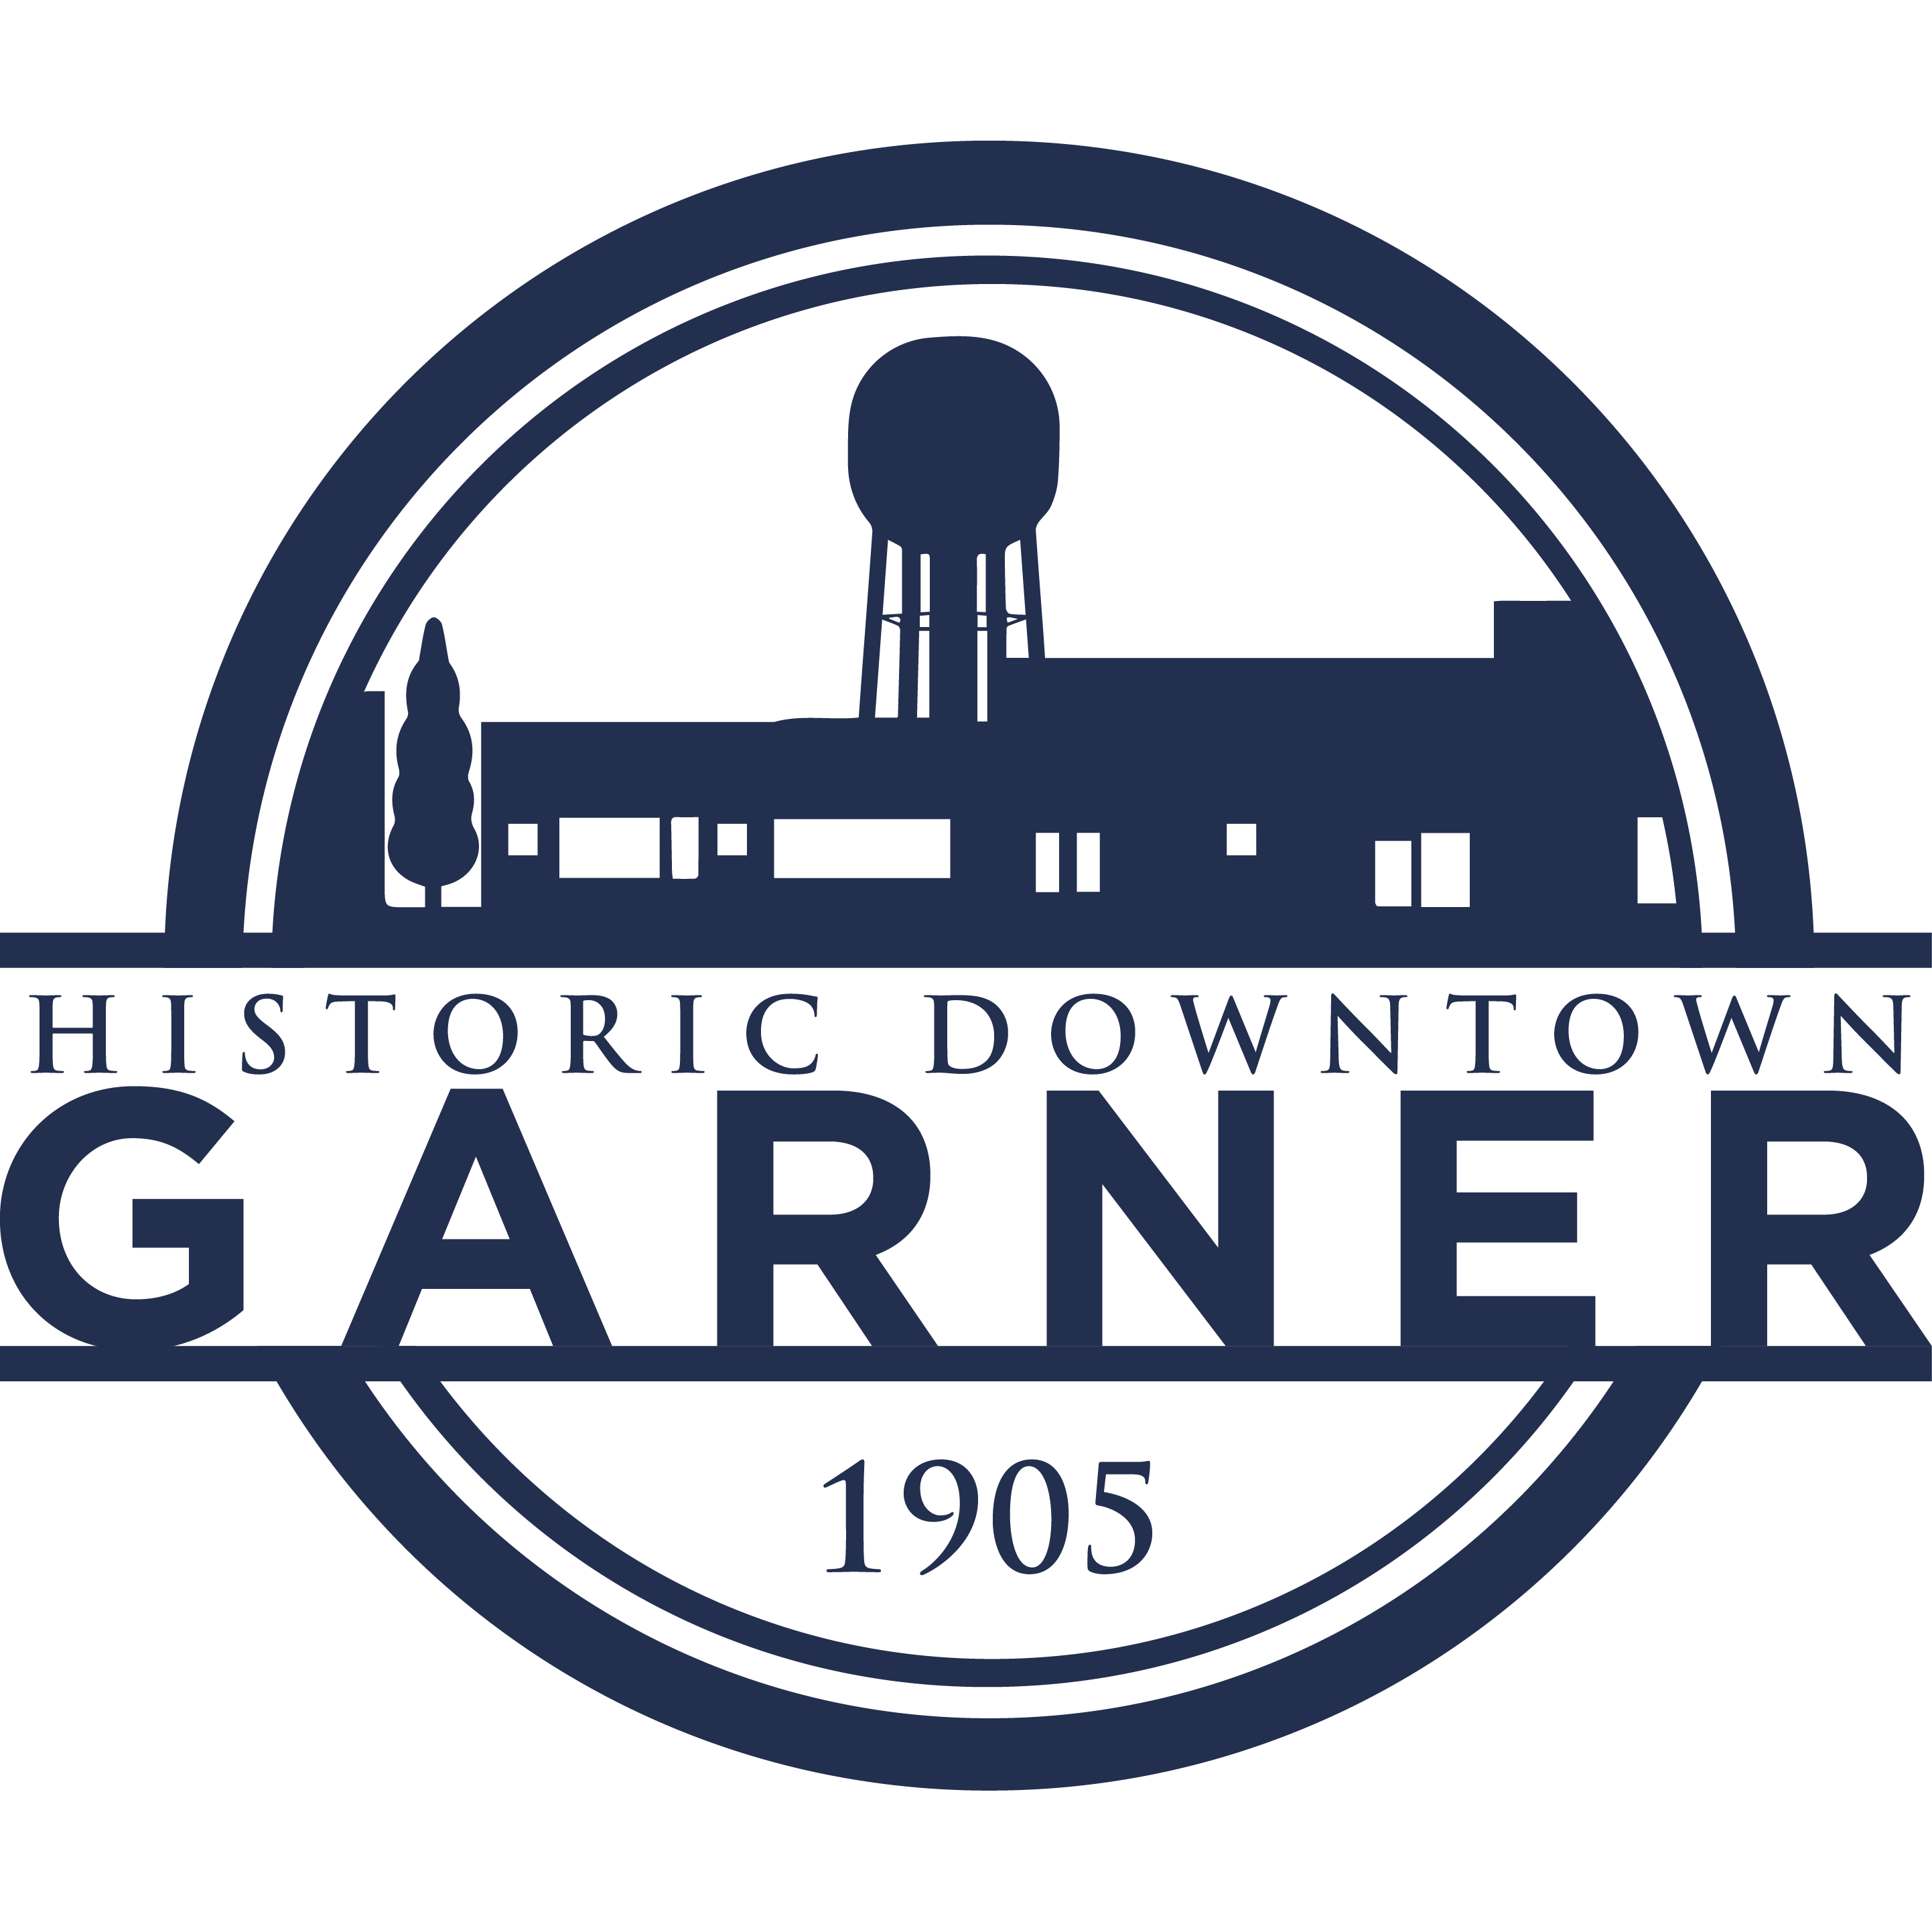 Downtown Garner